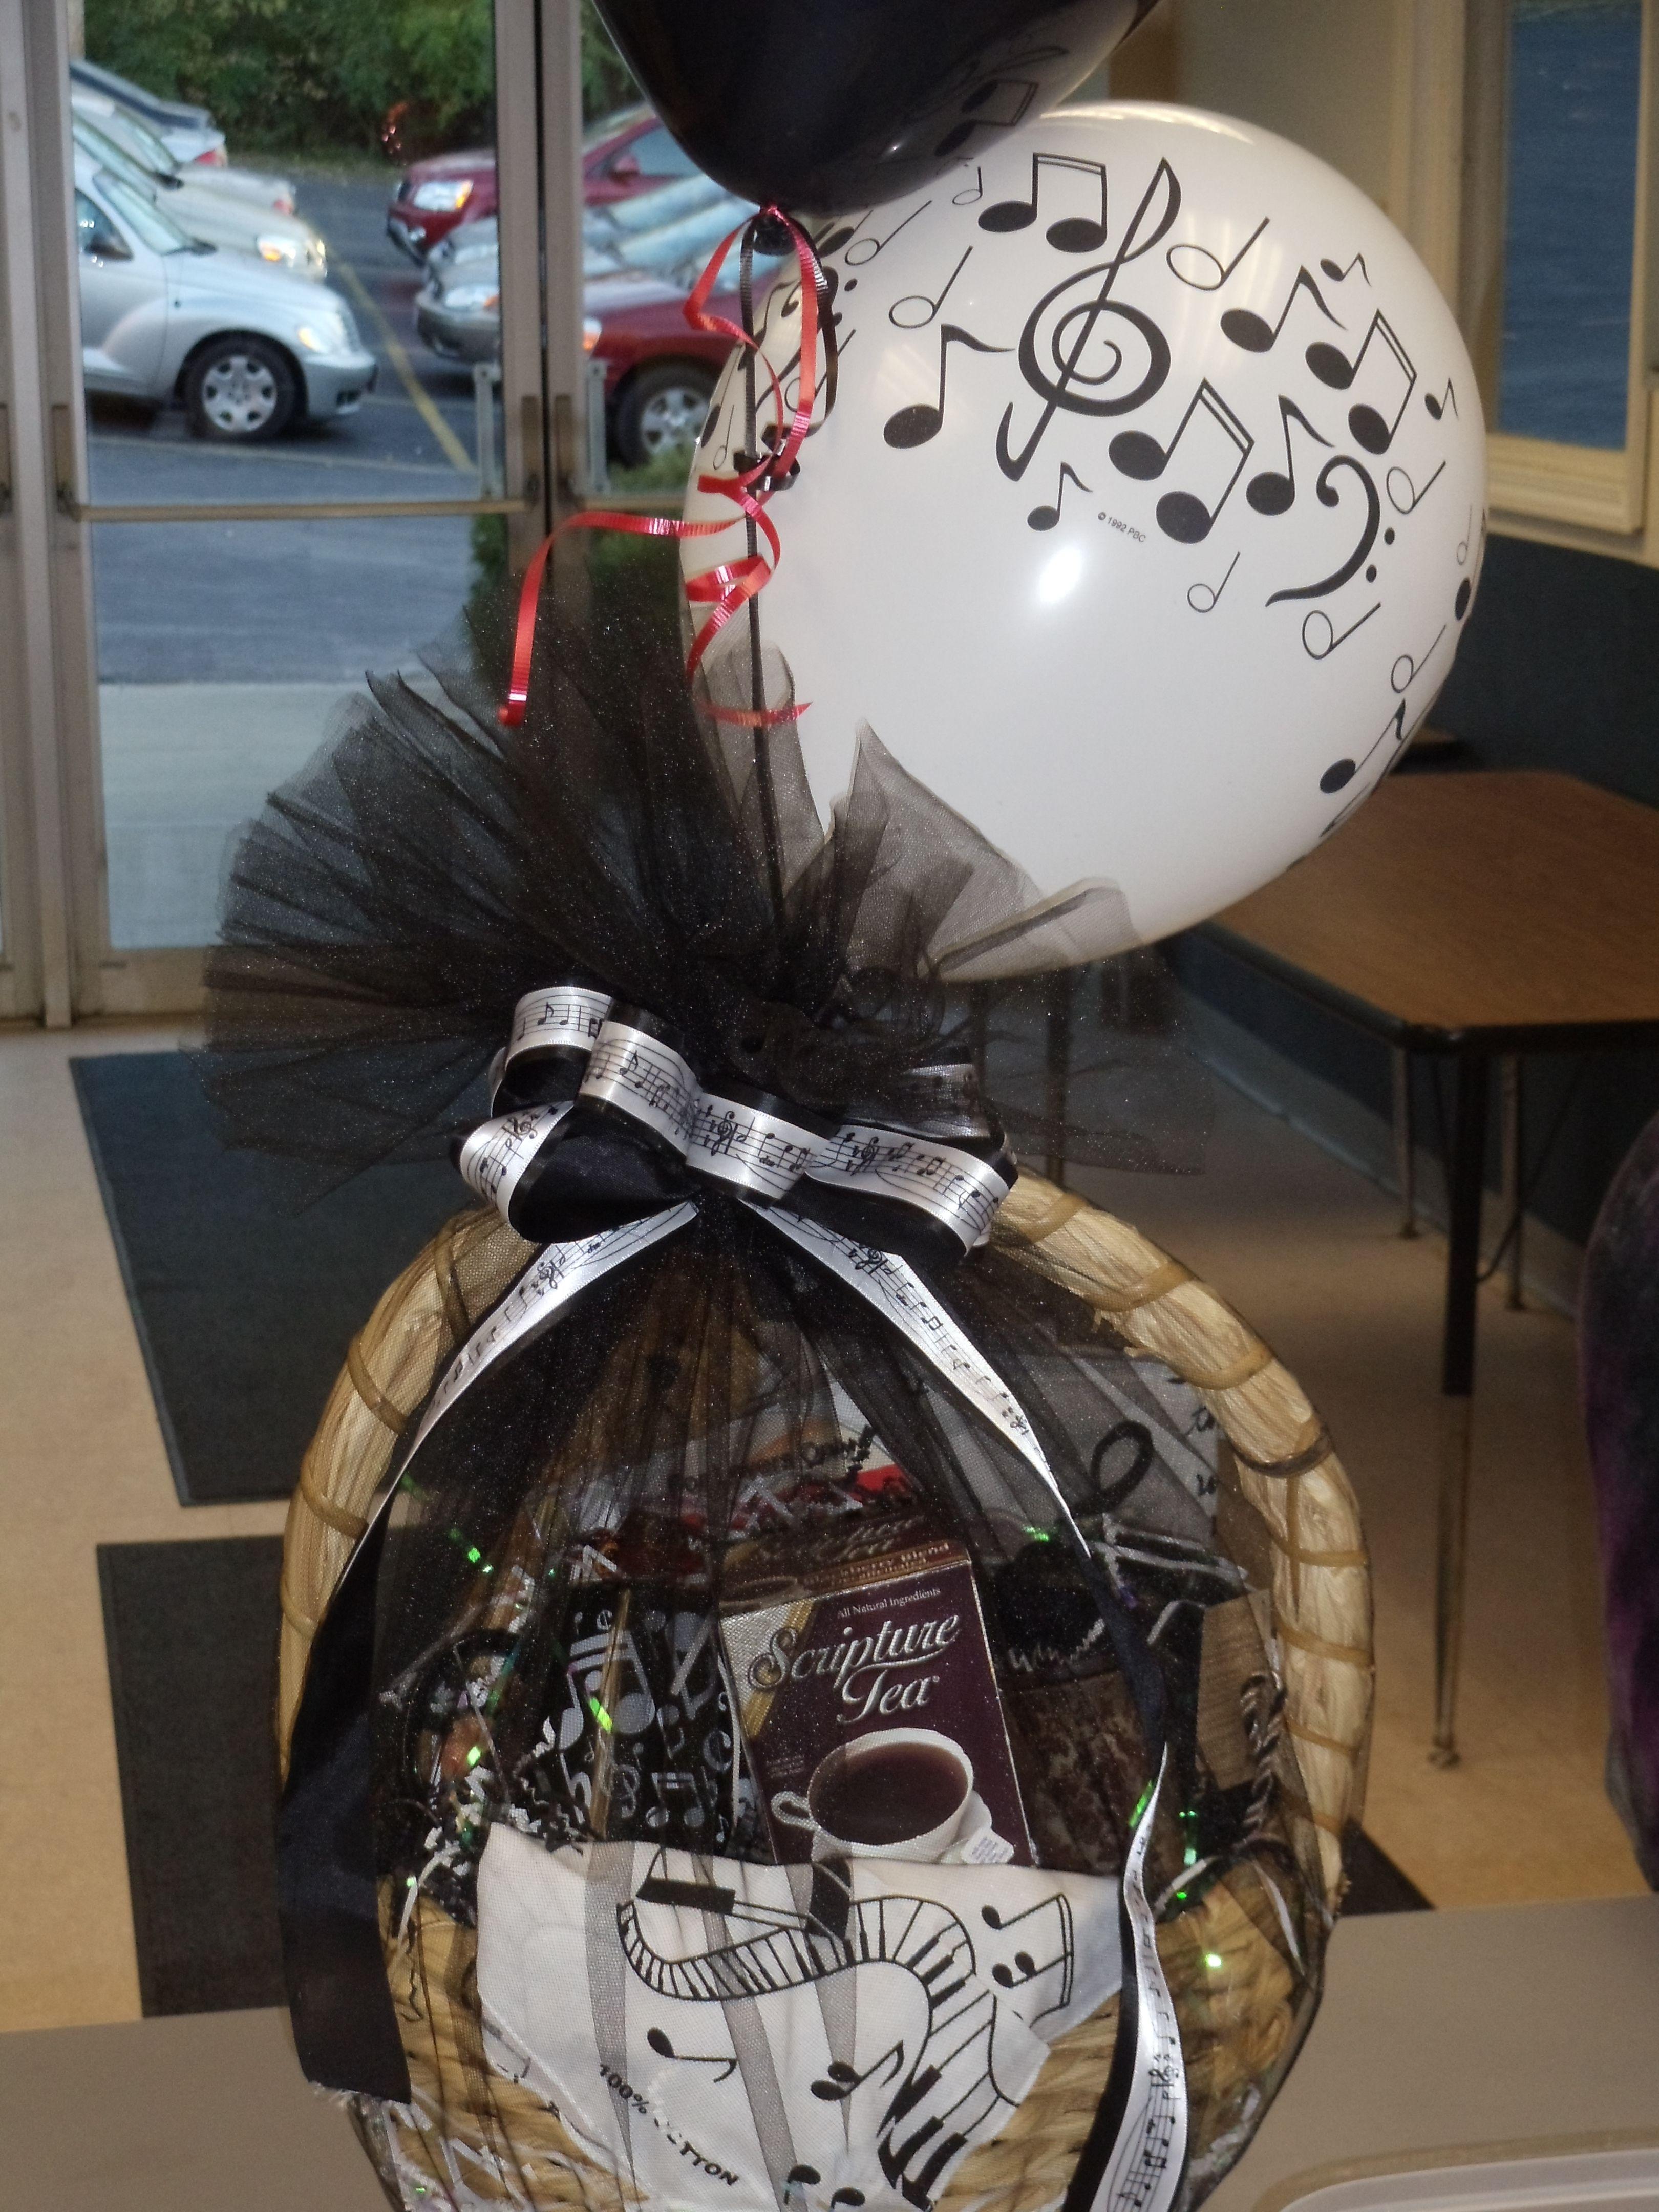 customed made musical gift basket